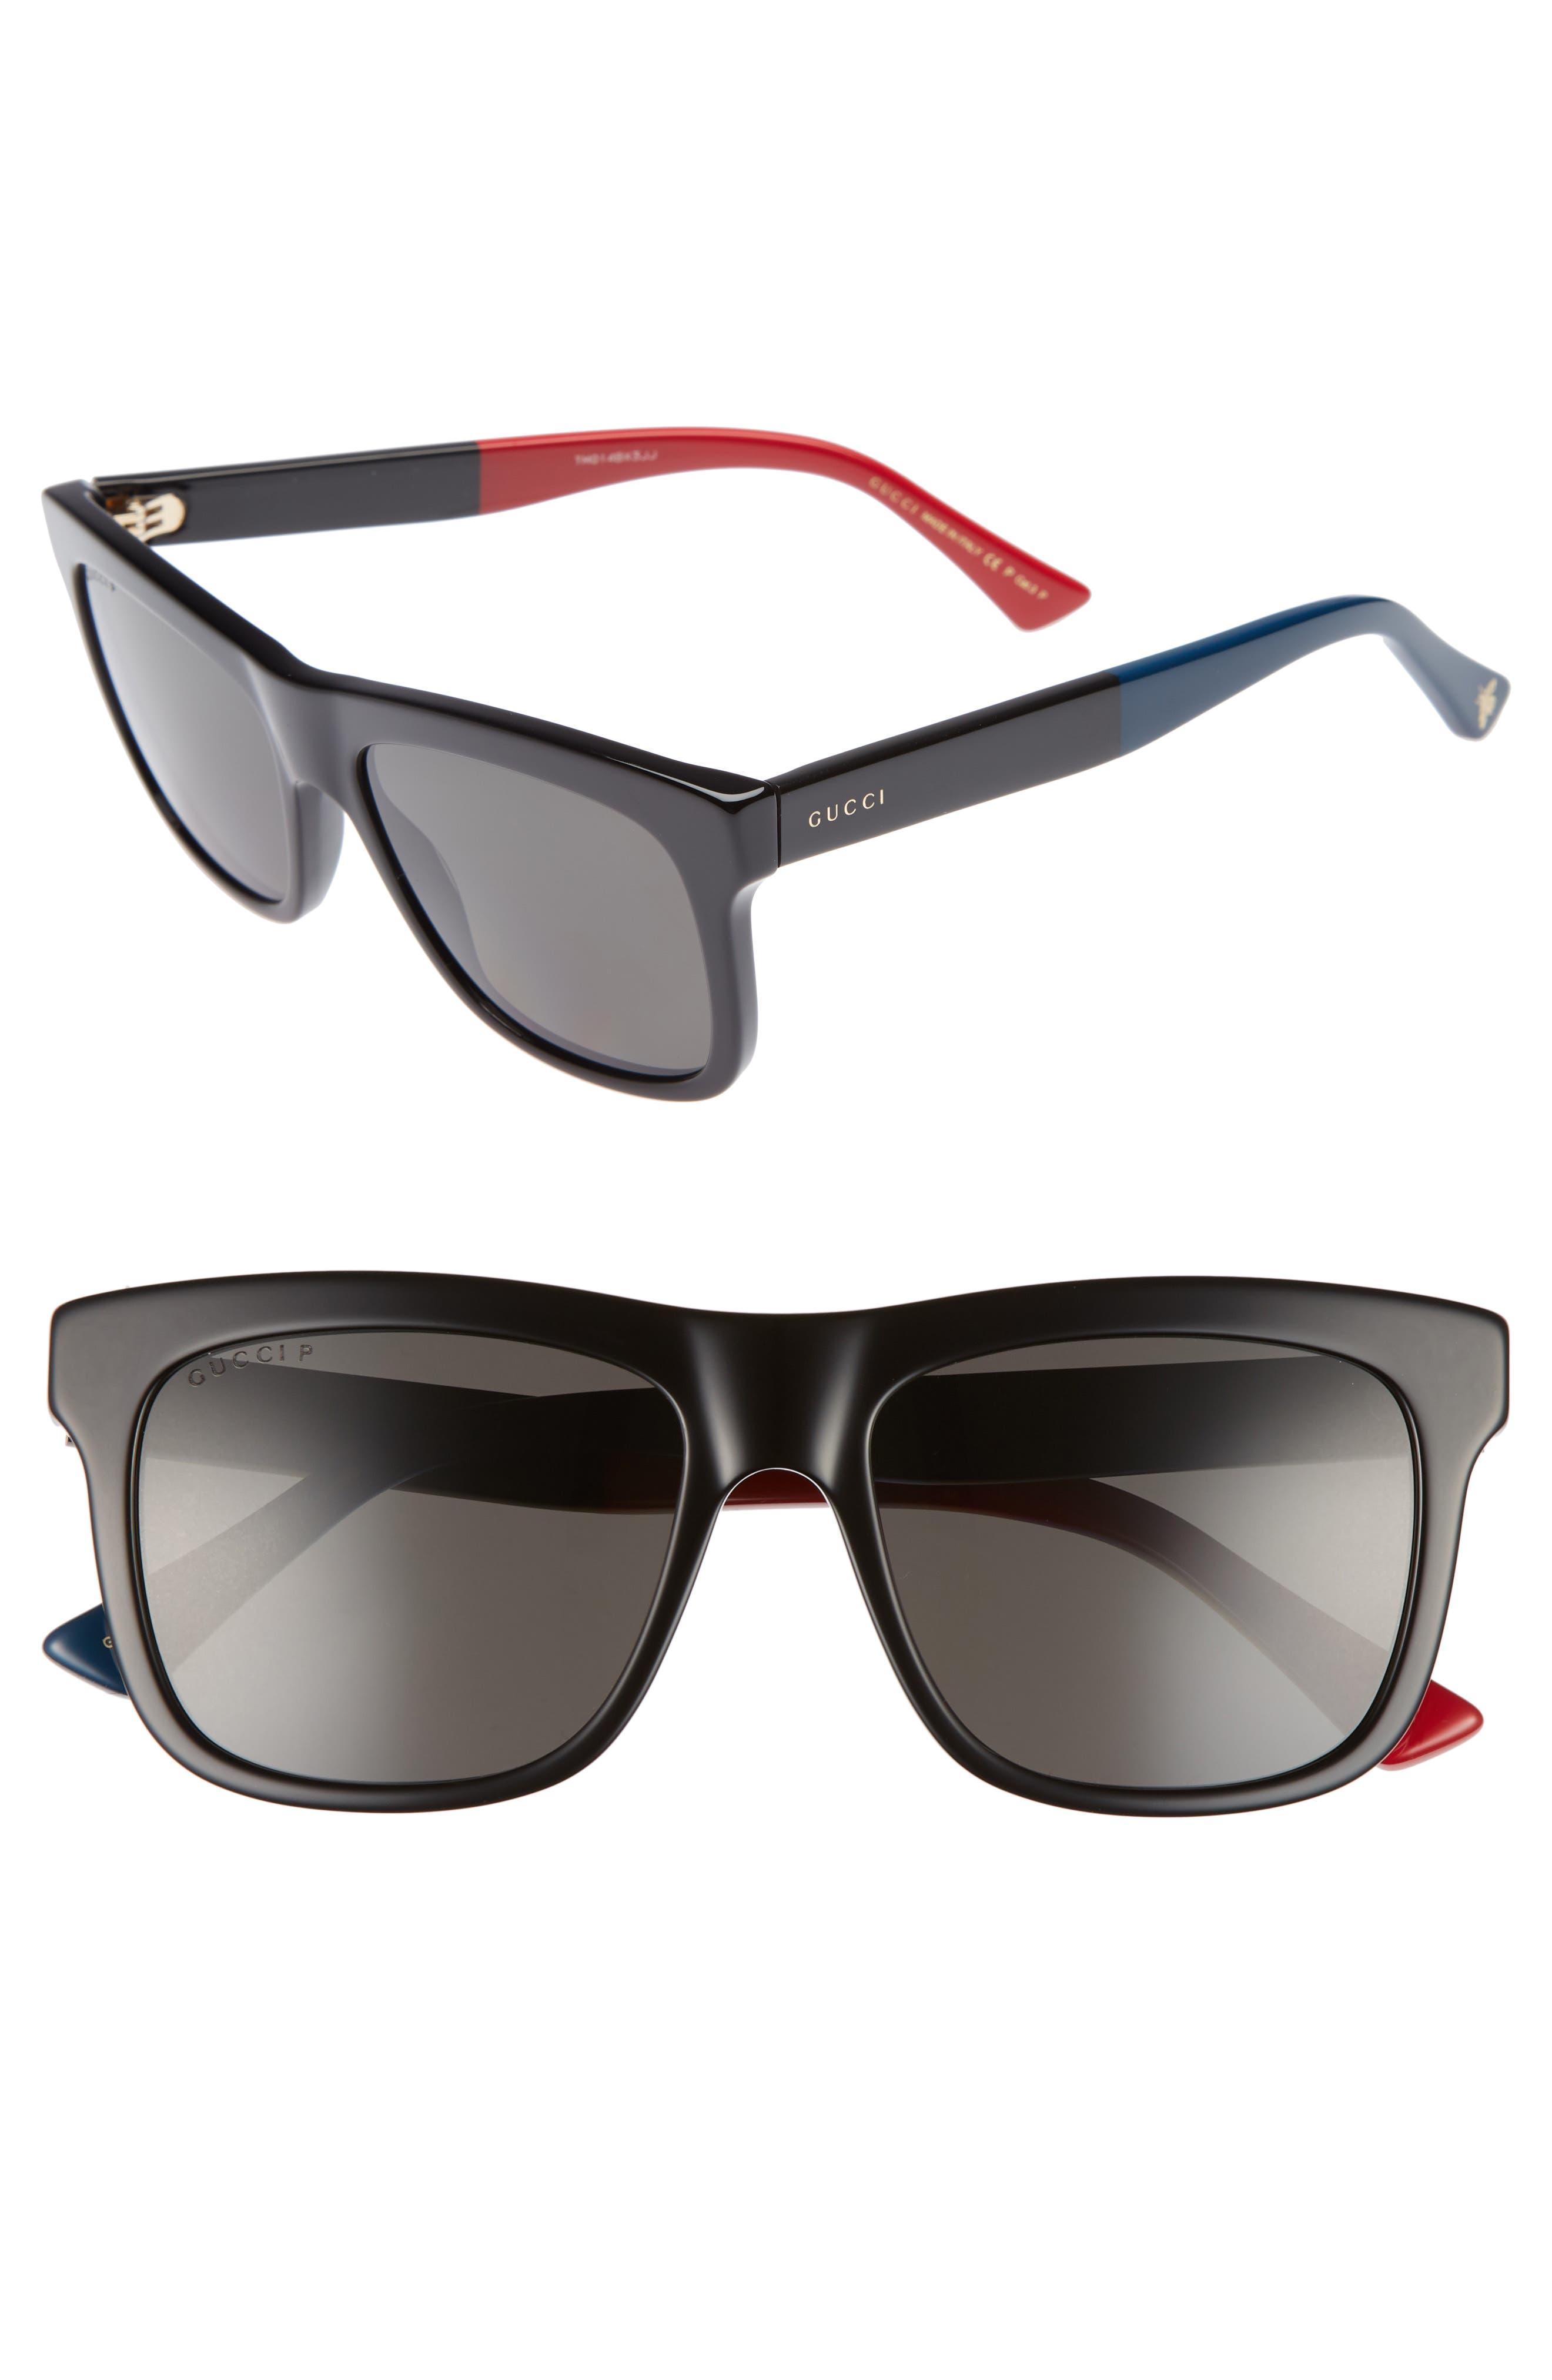 Gucci 54mm Polarized Sunglasses